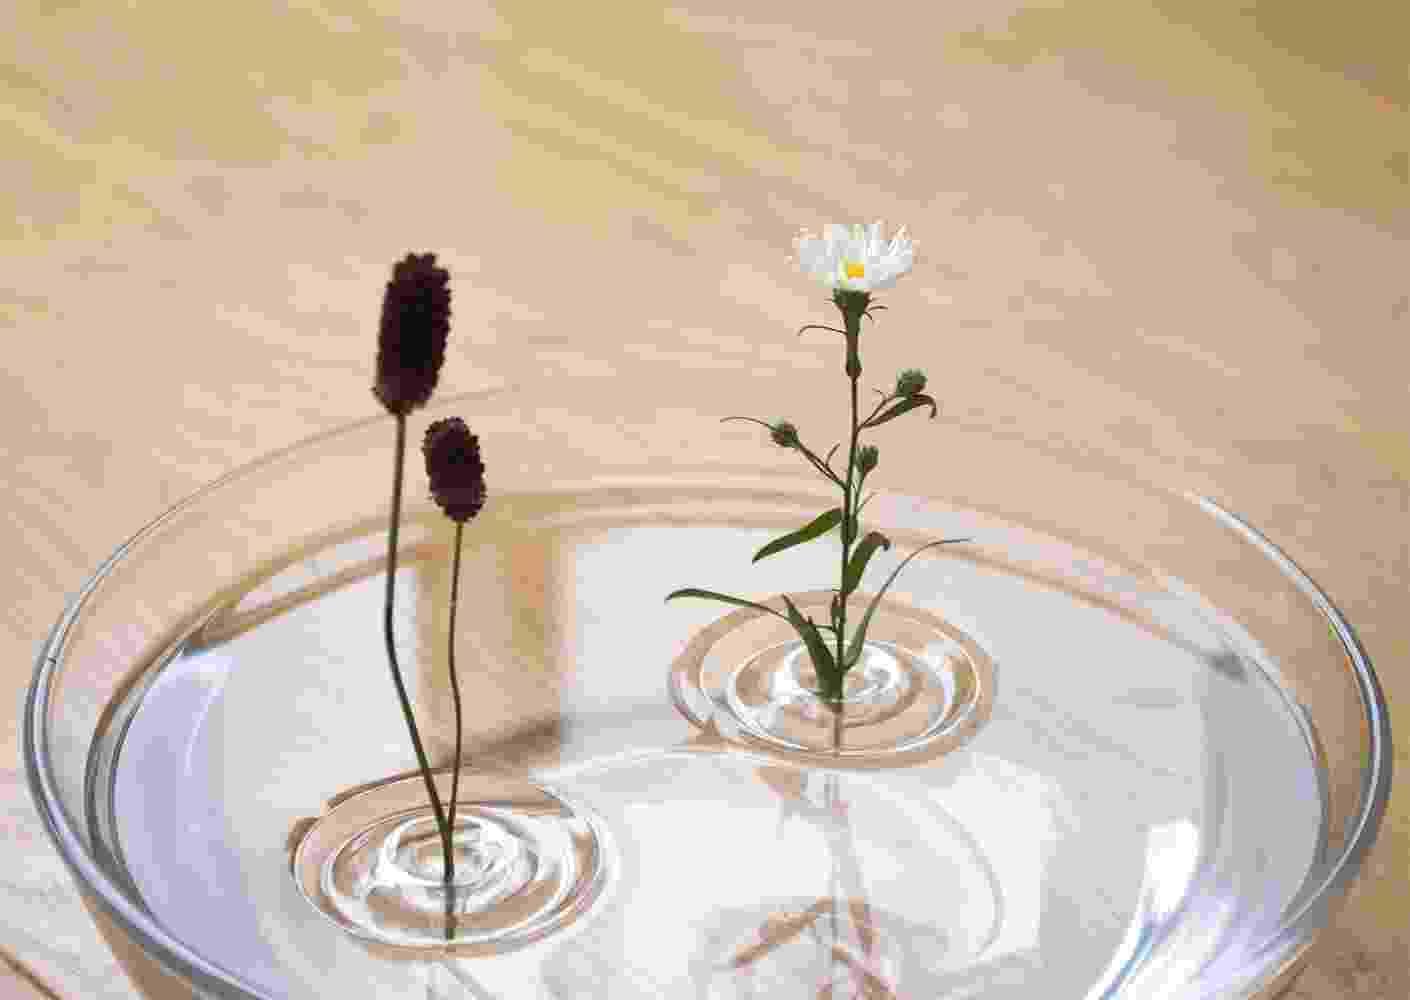 O efeito encanta: as flores parecem flutuar calmamente sobre um espelho d'água, livres de suportes. Para dar esta impressão, o escritório Oodesign (www.oodesign.jp) criou um vaso de resina com formato inspirado nas ondulações da água. Com um fundo vazado, o Ripple mantém as flores na posição vertical e os vegetais hidratados - Divulgação